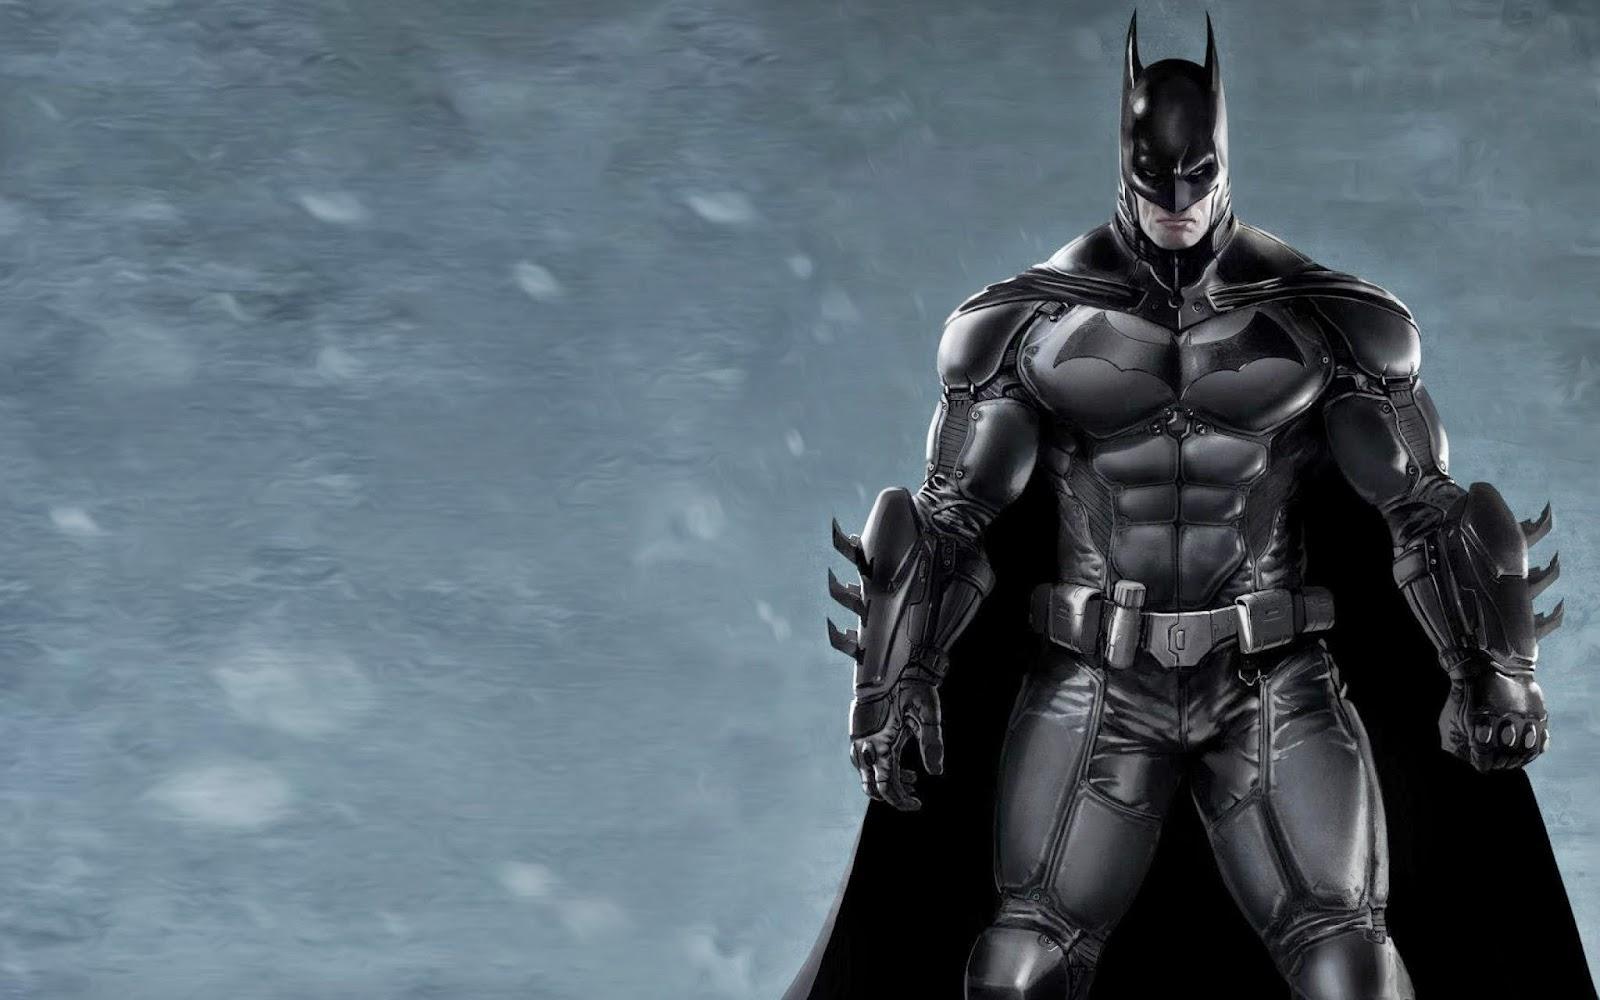 Kumpulan Gambar Batman The Animated Series | Gambar Lucu Terbaru ...